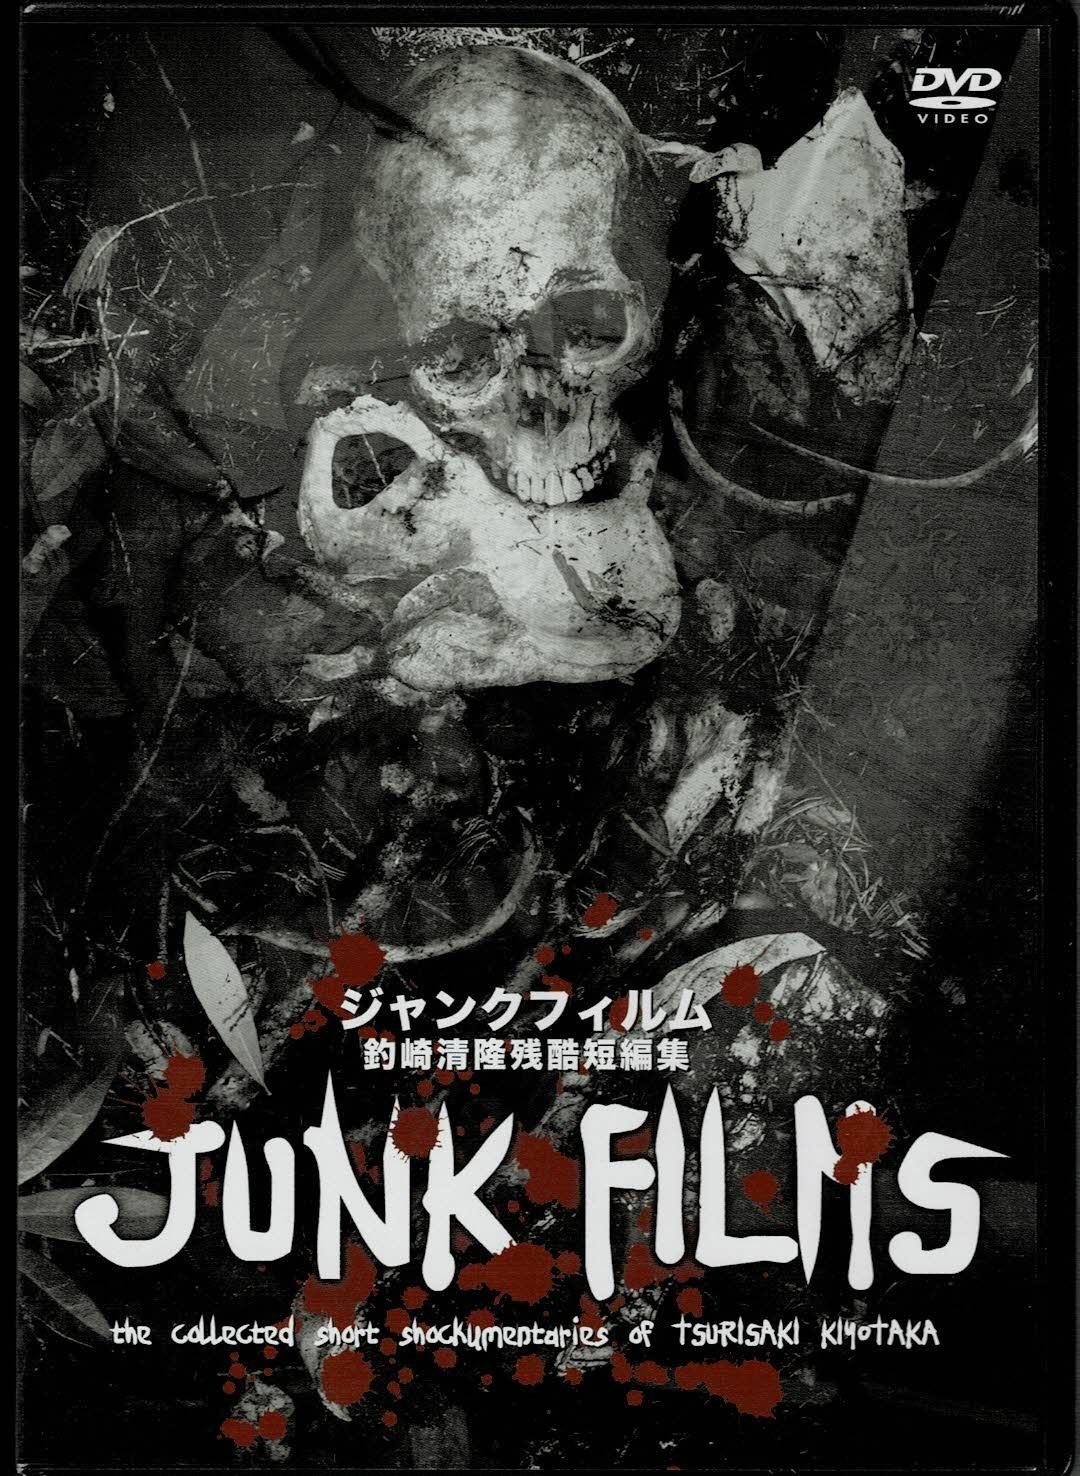 釣崎清隆 JUNK FILMS DVD画像